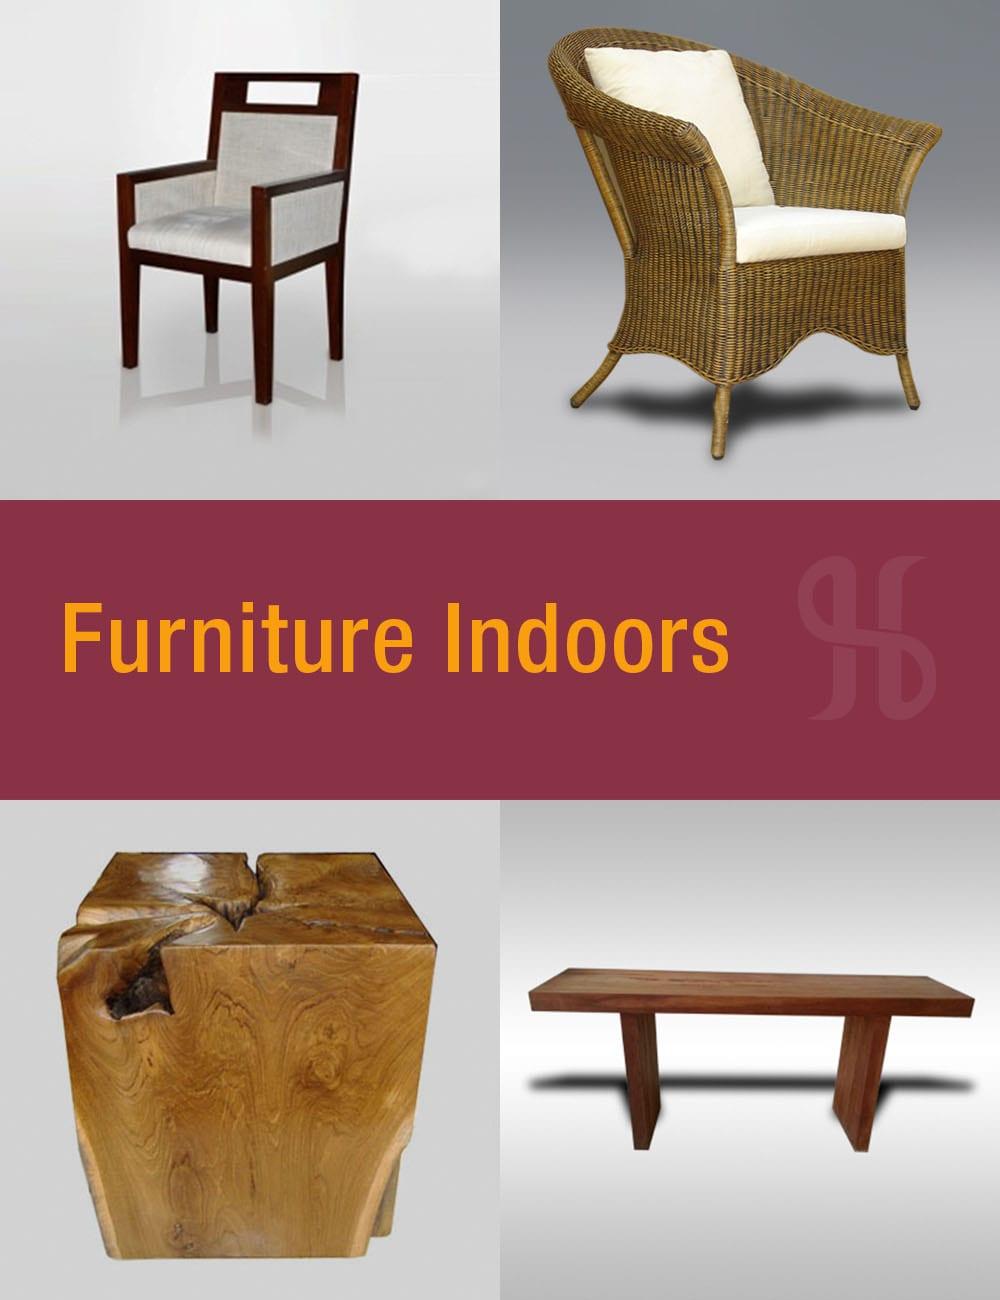 Furniture Indoors